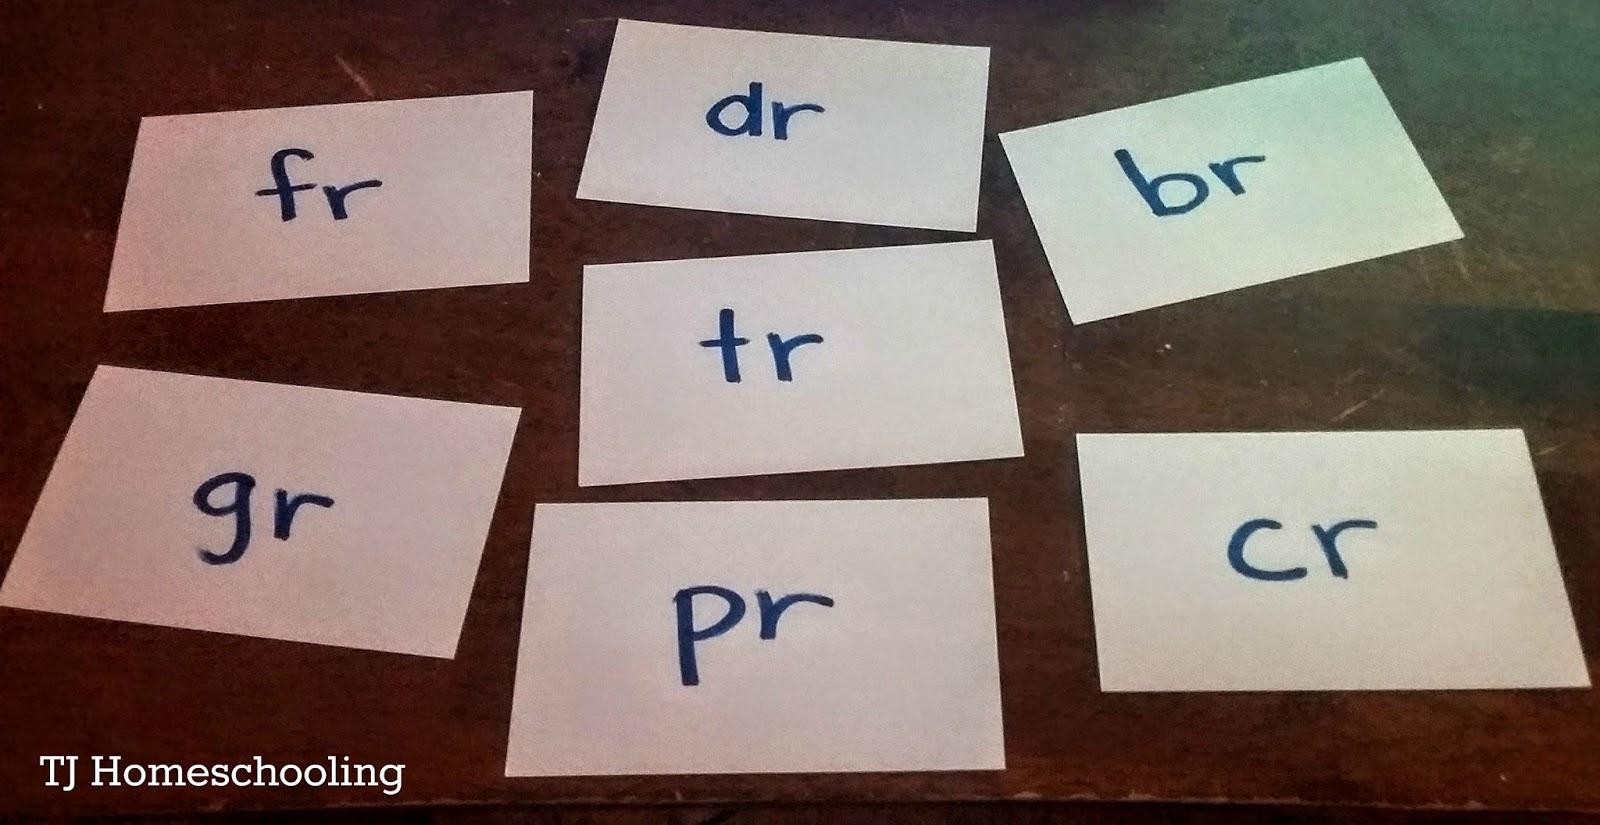 Beginning R Blends Br Cr Dr Fr Gr Pr Tr